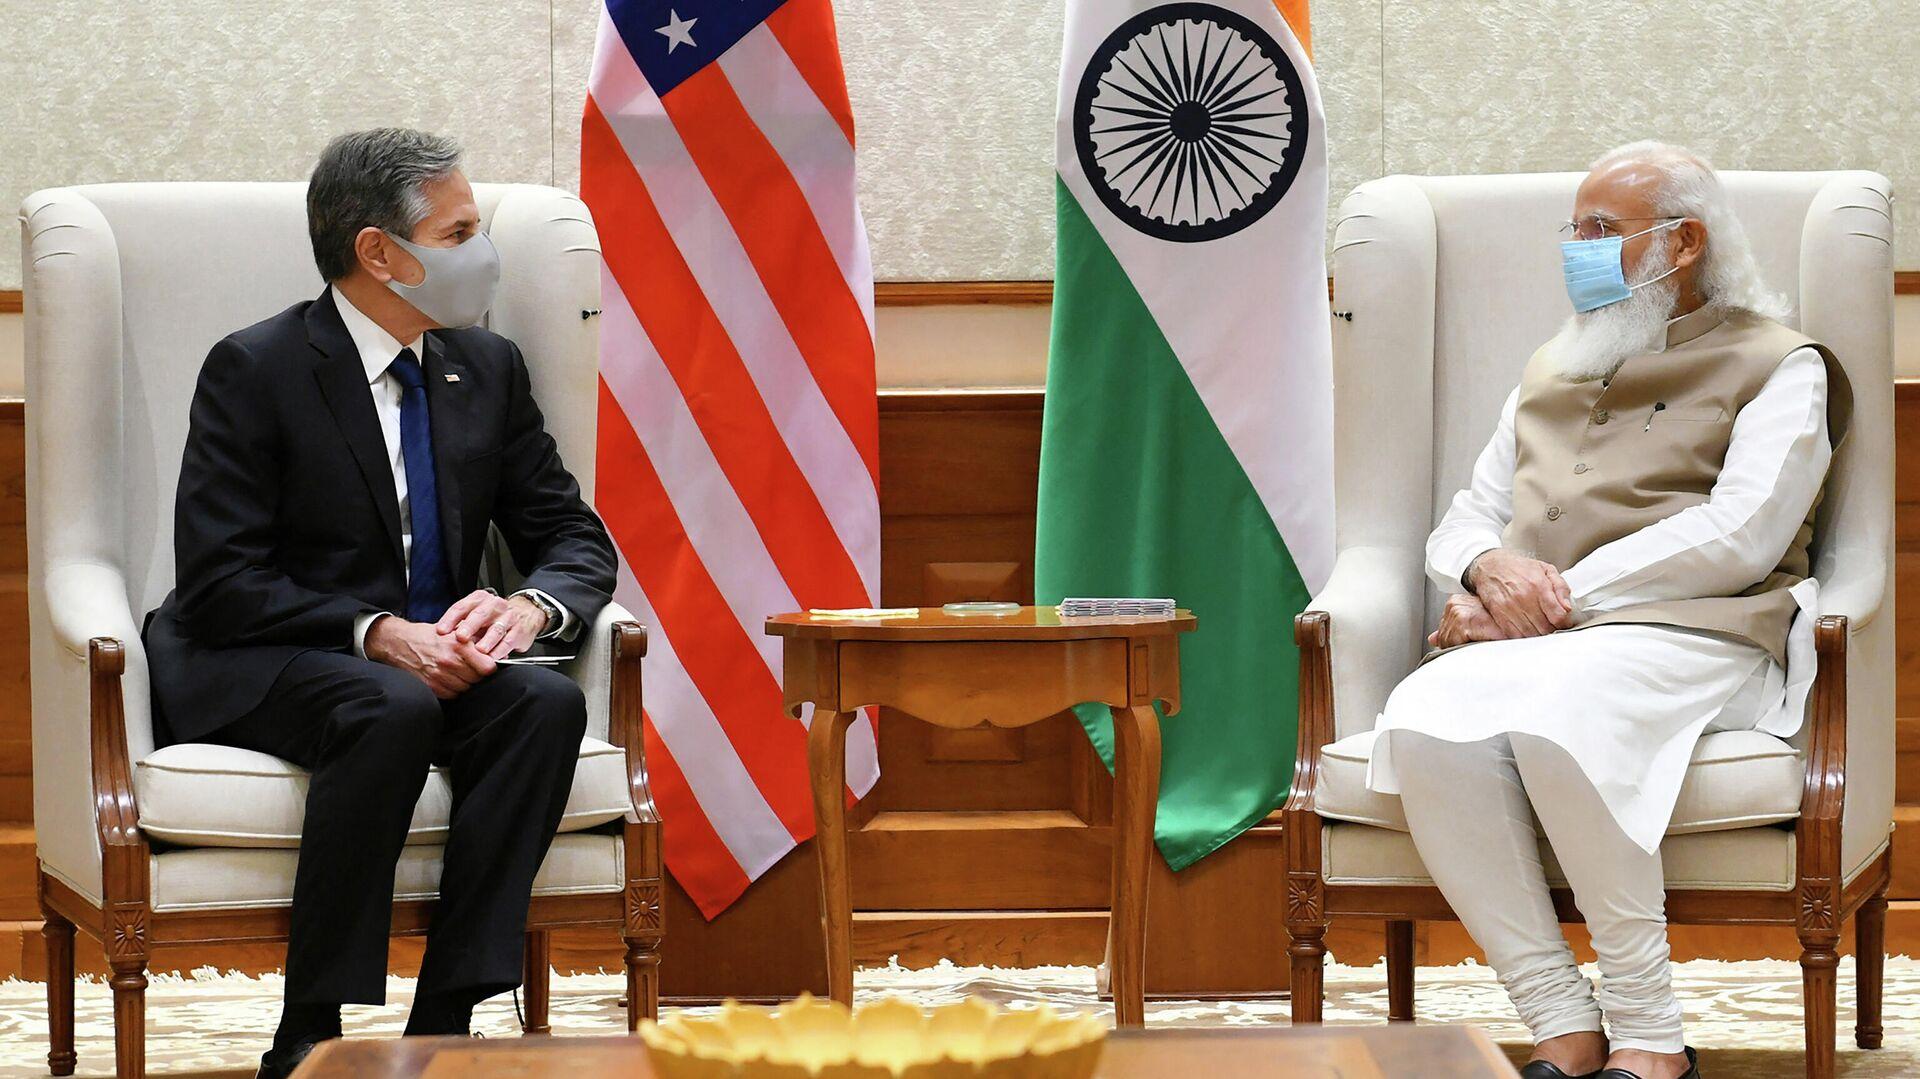 Госсекретарь США Энтони Блинкен и премьер-министр Индии Нарендра Моди - Sputnik Узбекистан, 1920, 25.09.2021